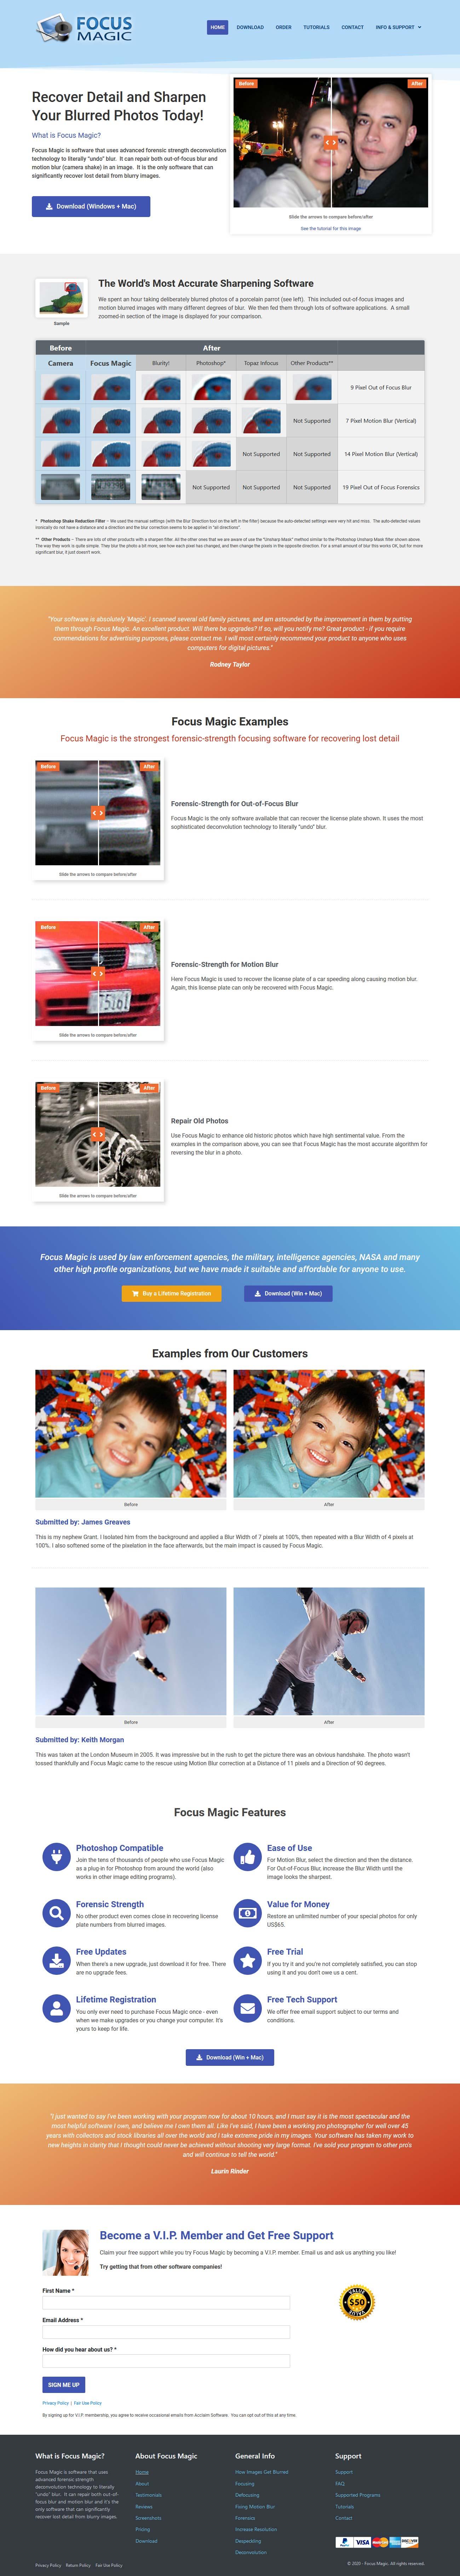 Website design for Focus Magic